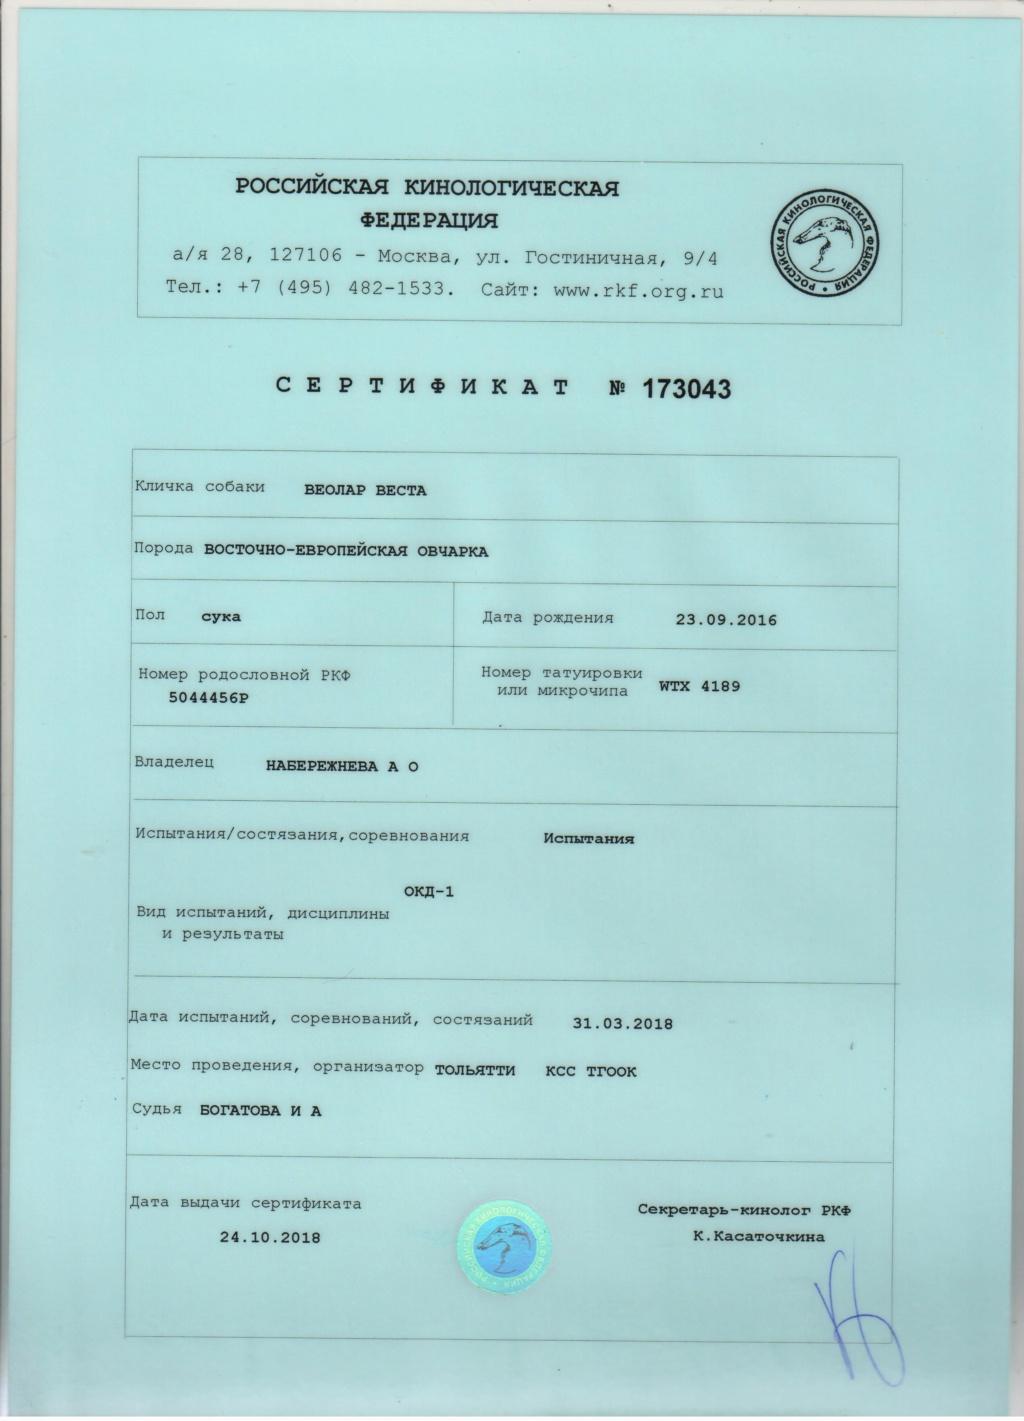 веолар - ВОСТОЧНО-ЕВРОПЕЙСКАЯ ОВЧАРКА ВЕОЛАР ВЕСТА - Страница 11 206110